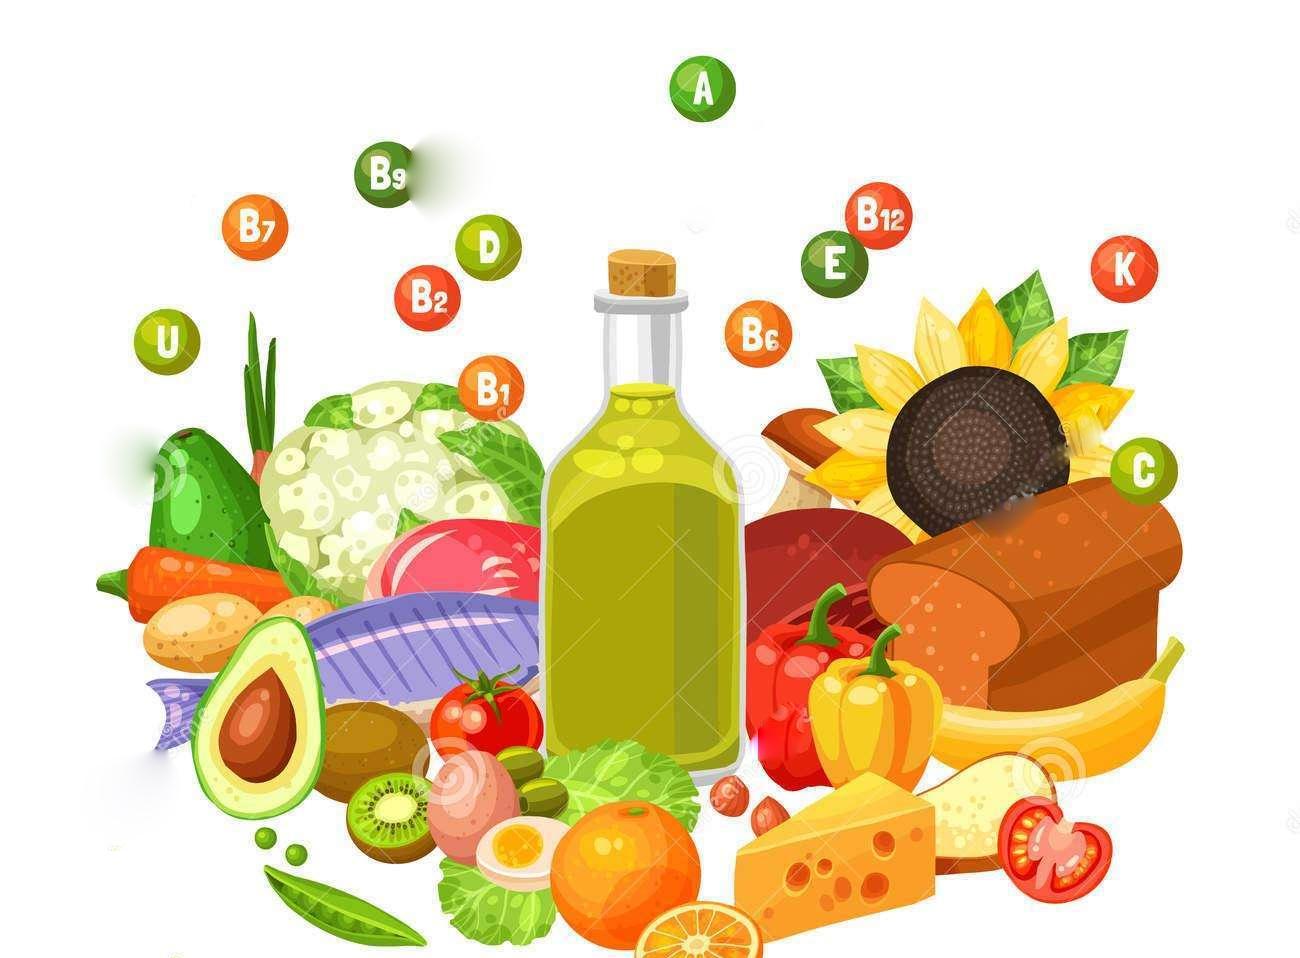 酵素产品除酵素外还包含这些的营养成分